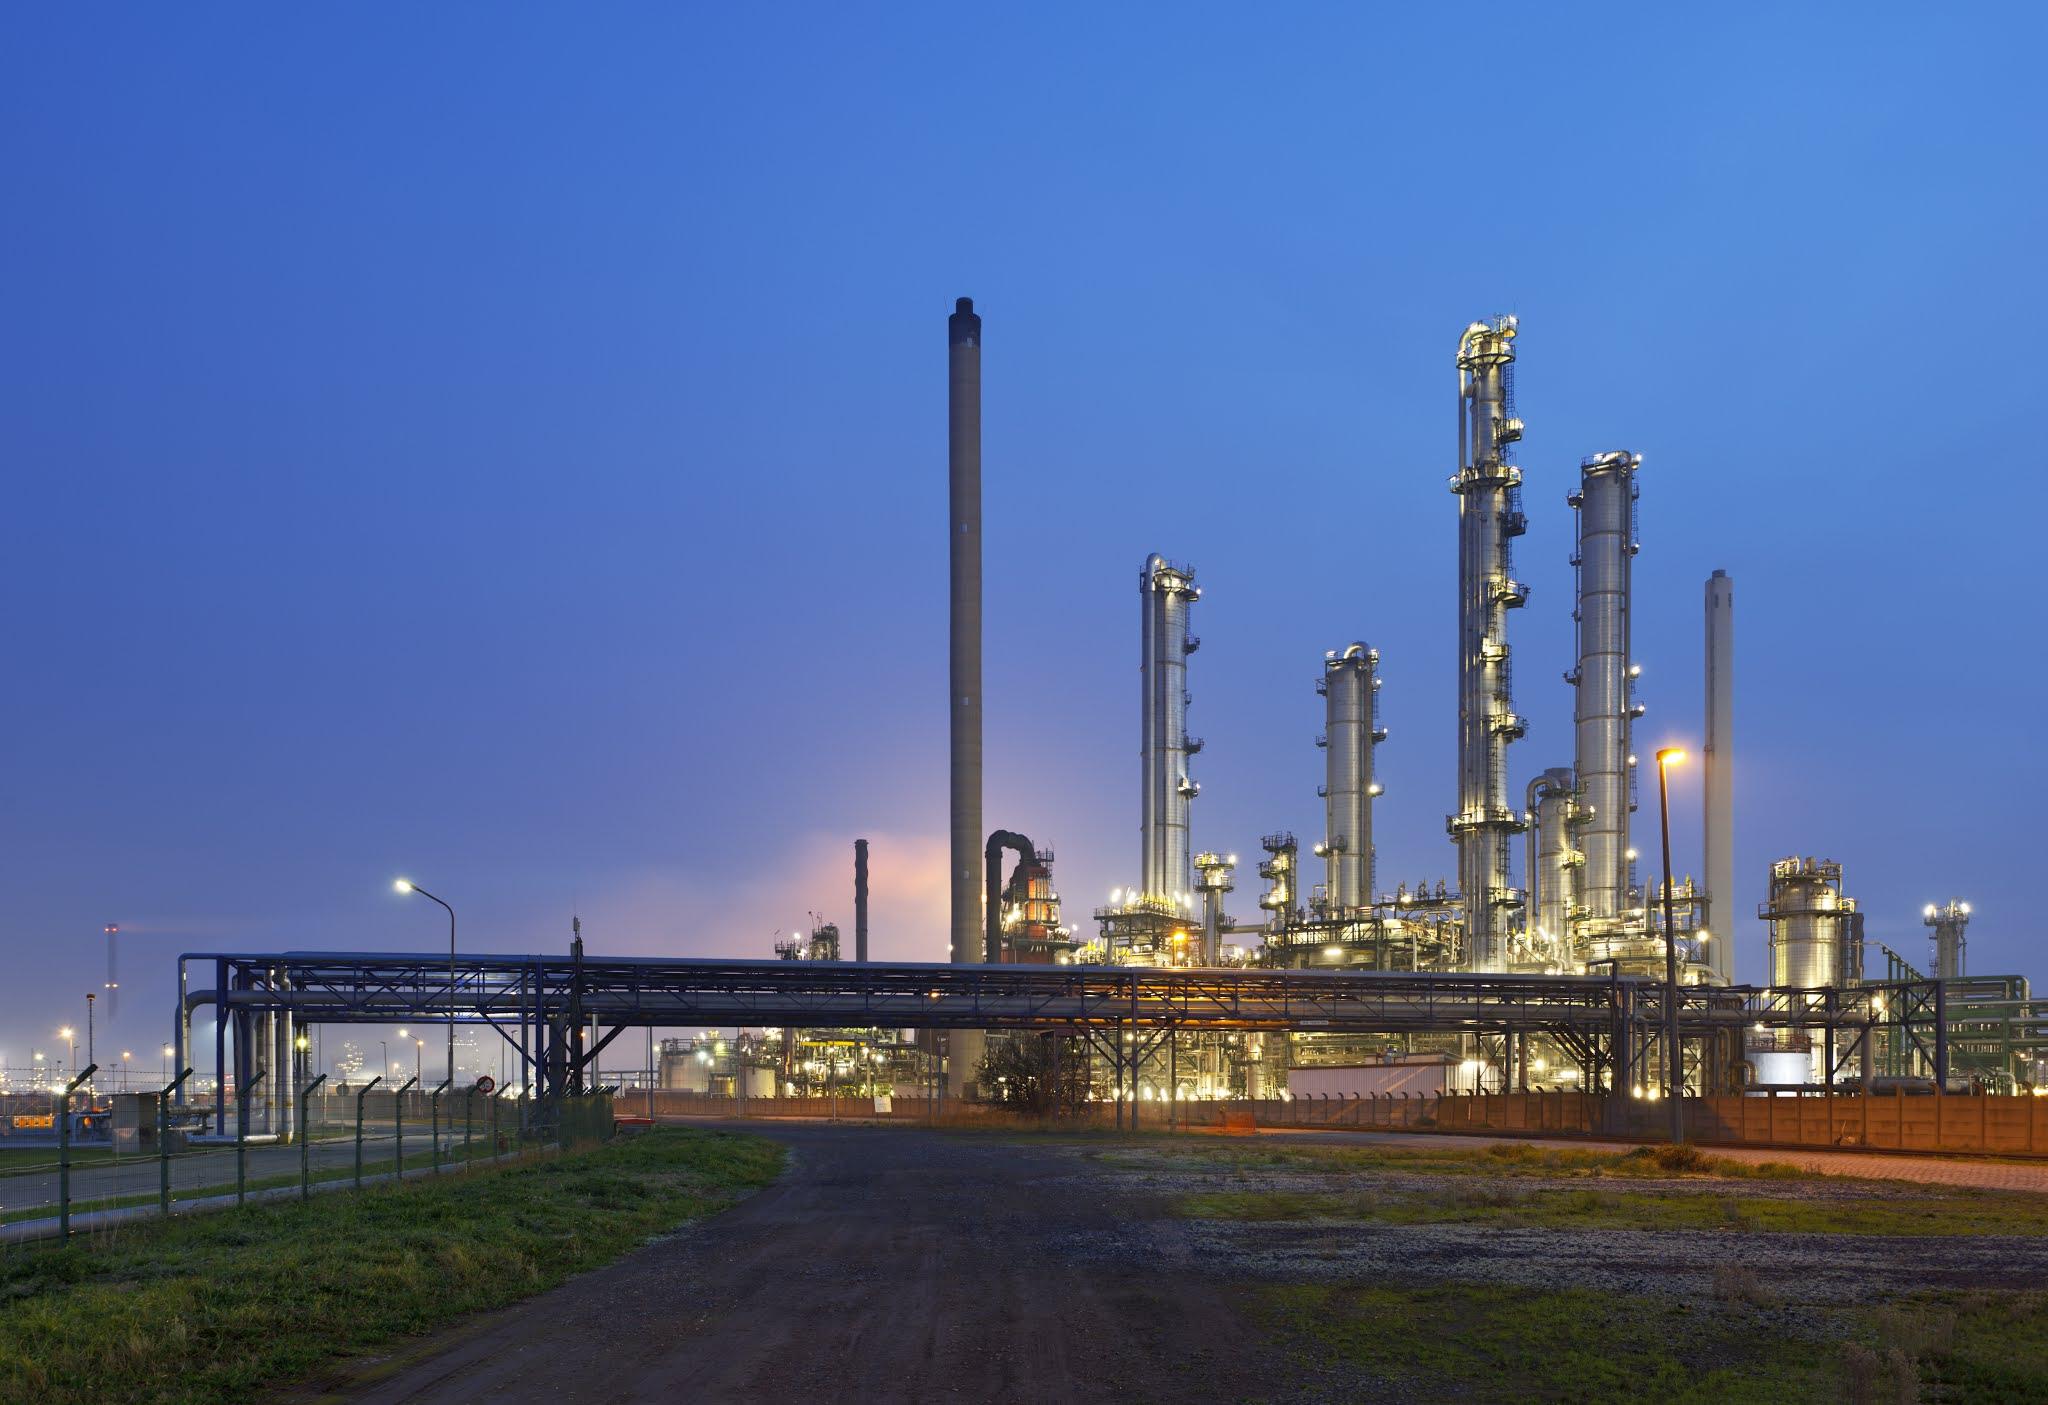 مصر تدعم قطاع البترول وتضاعف إنتاج المصفاة من البنزين والسولار ووقود النفاثات